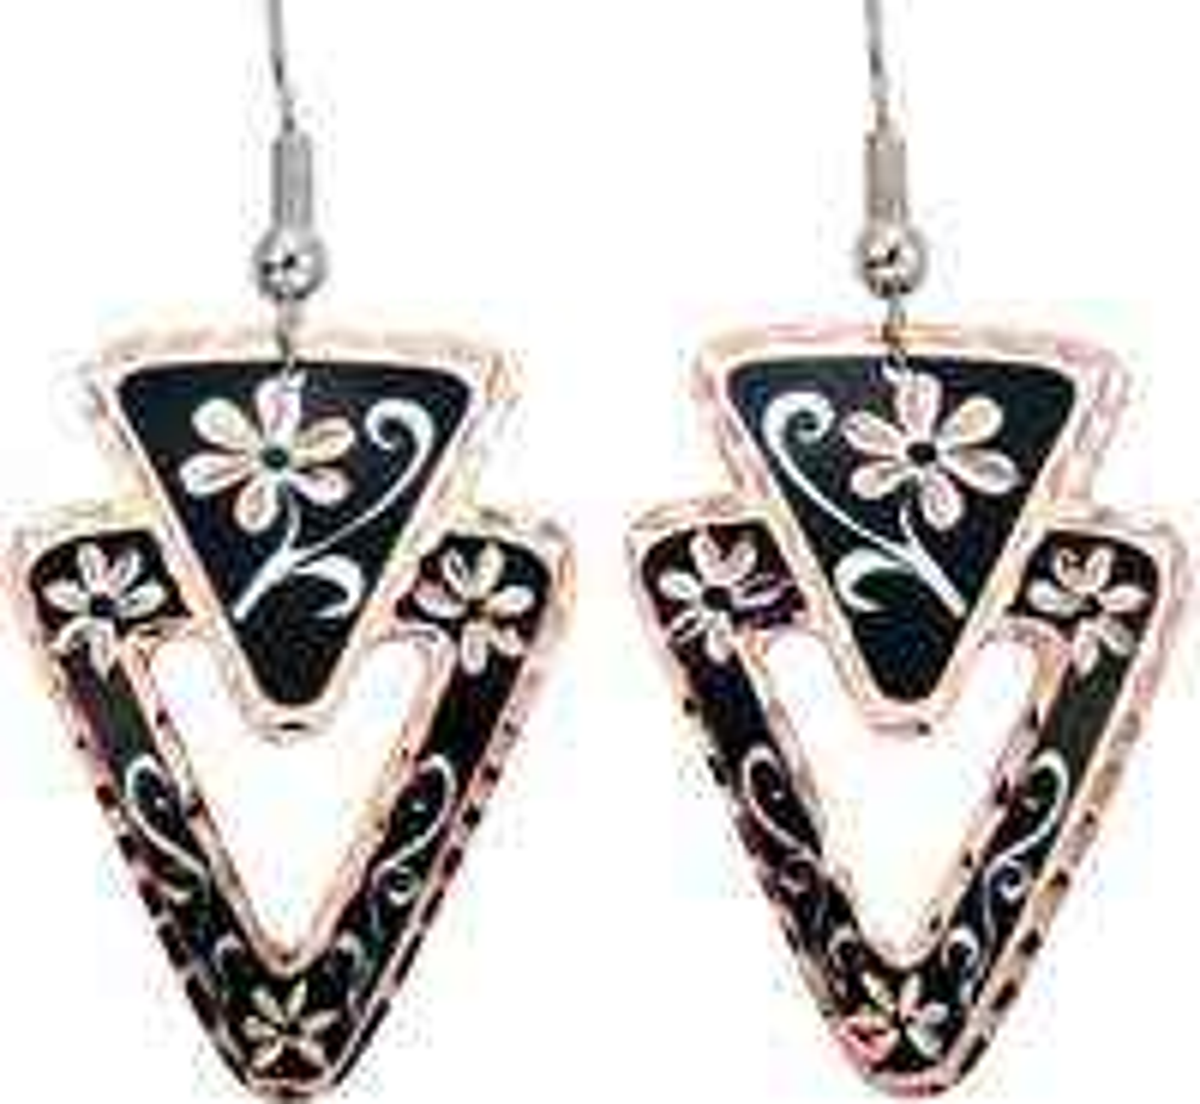 Black Flower Earrings Handmade from Copper